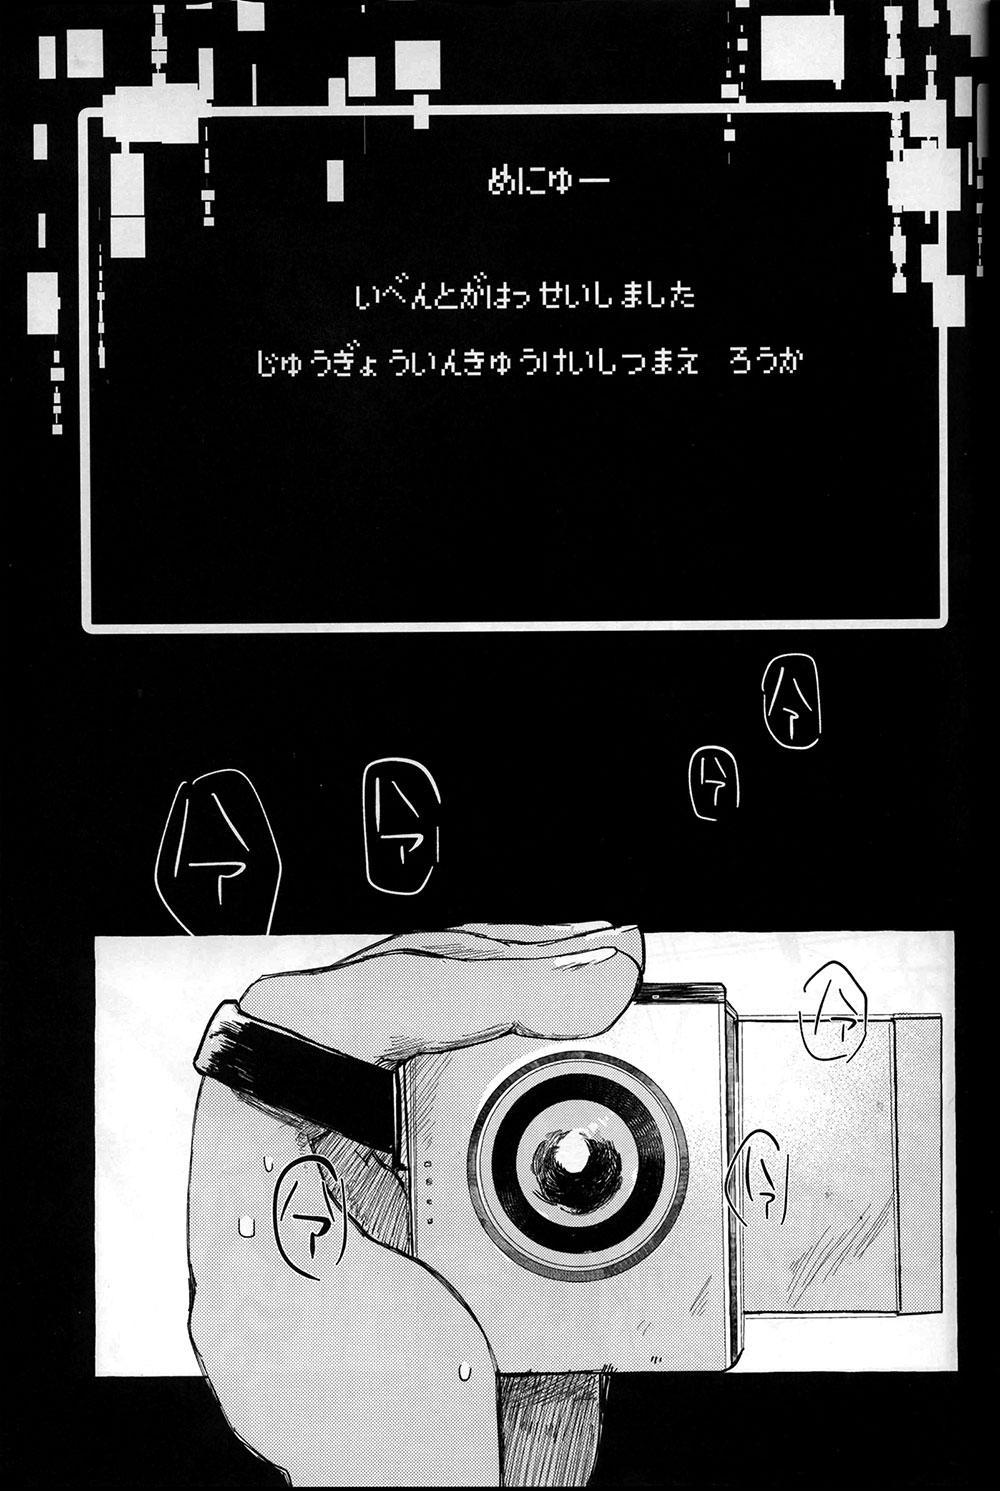 Shinshin Hanten e Youkoso 19